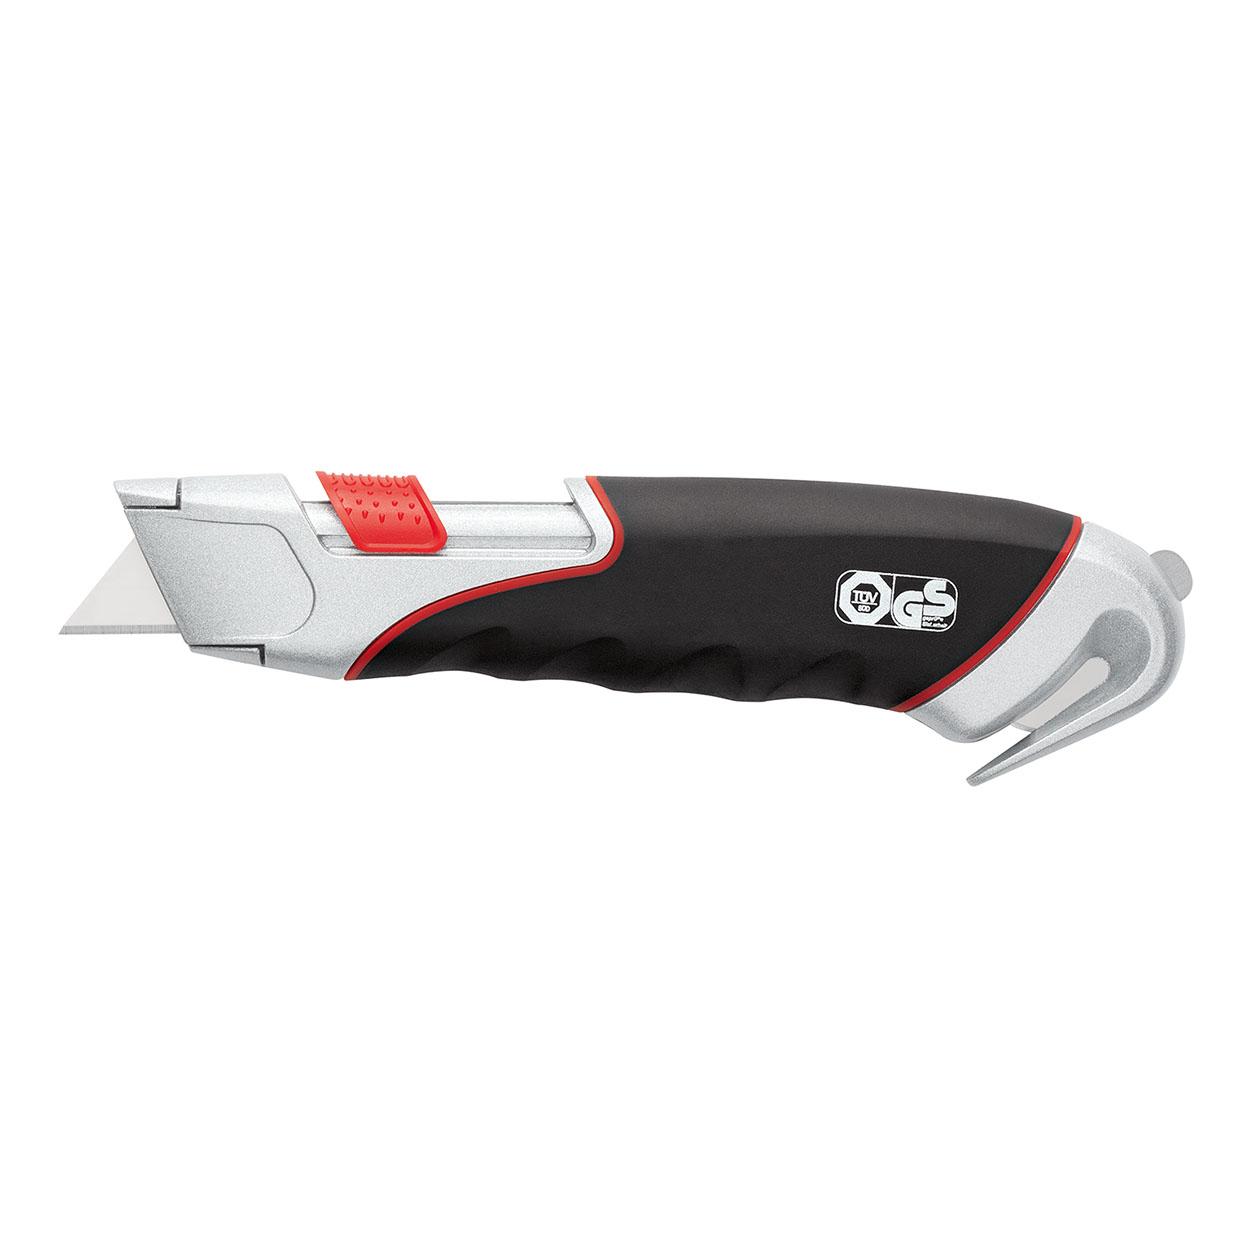 Bezpečnostný nôž s rozrezávačom